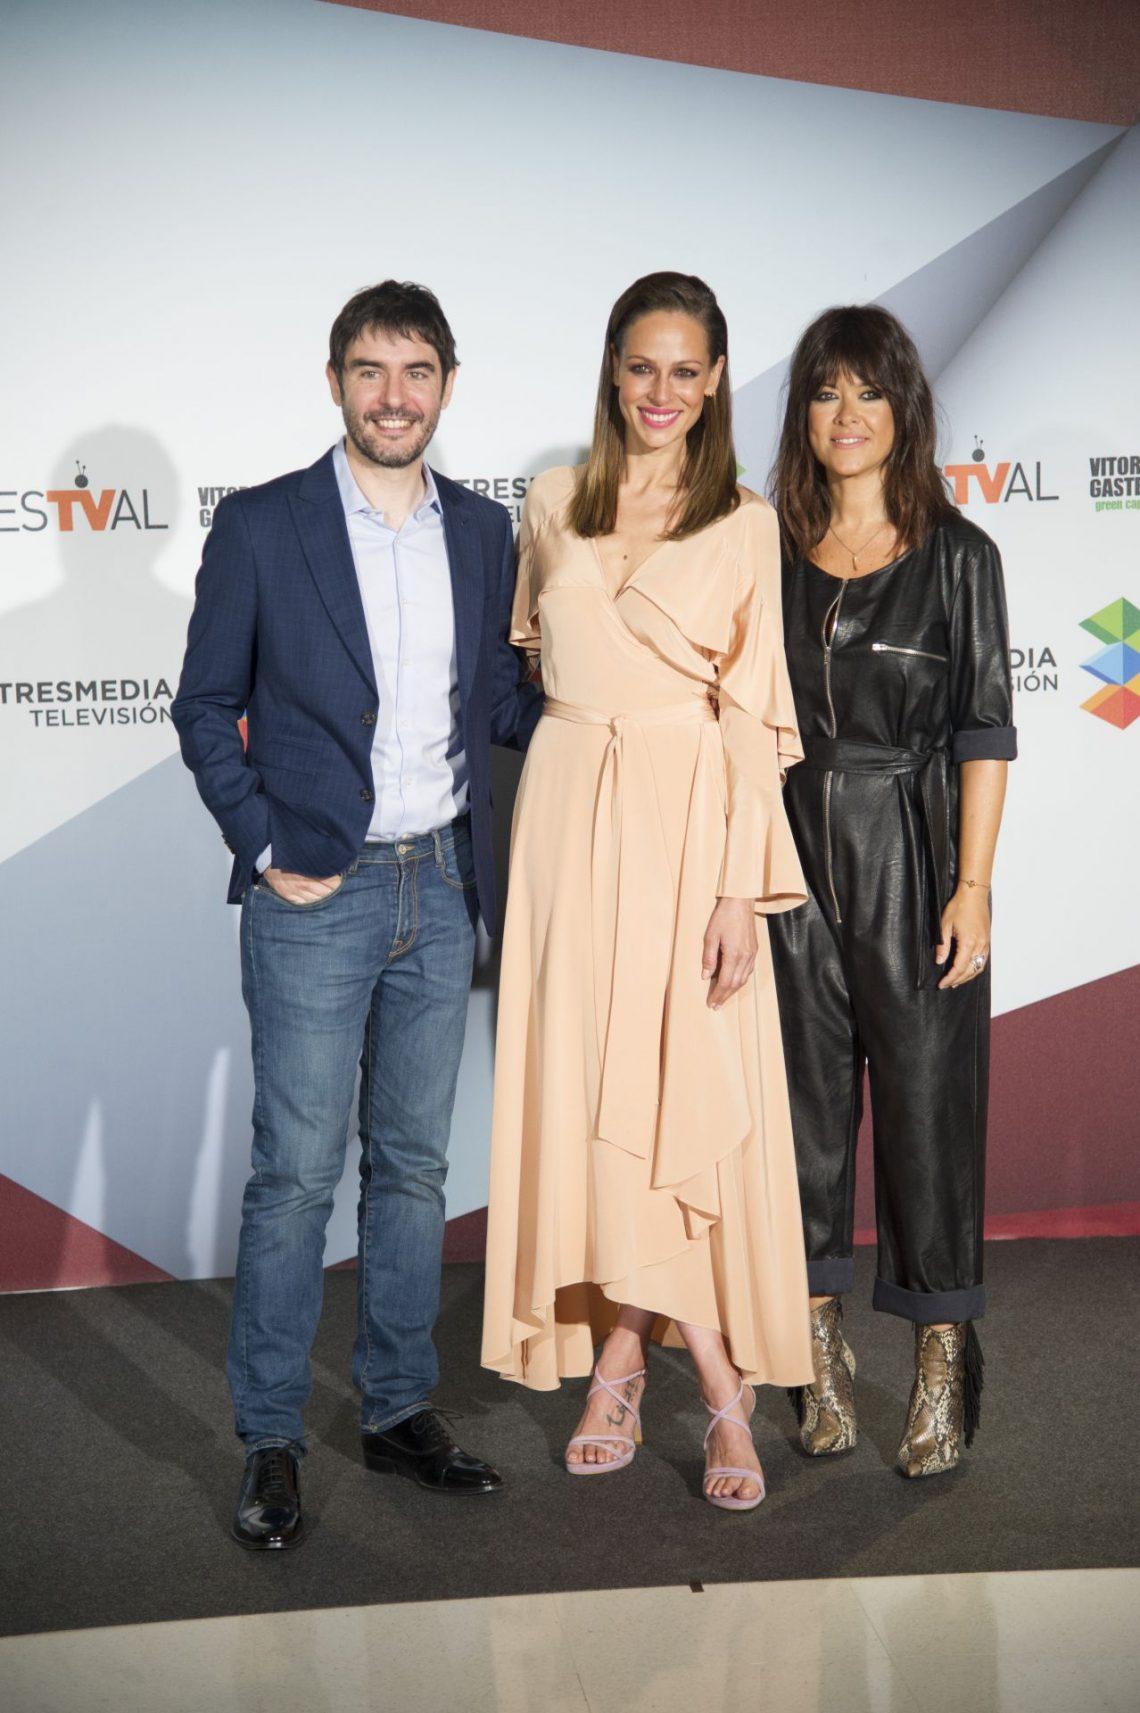 'La Voz Kids' se presenta en el FesTVal de Vitoria con algunas novedades